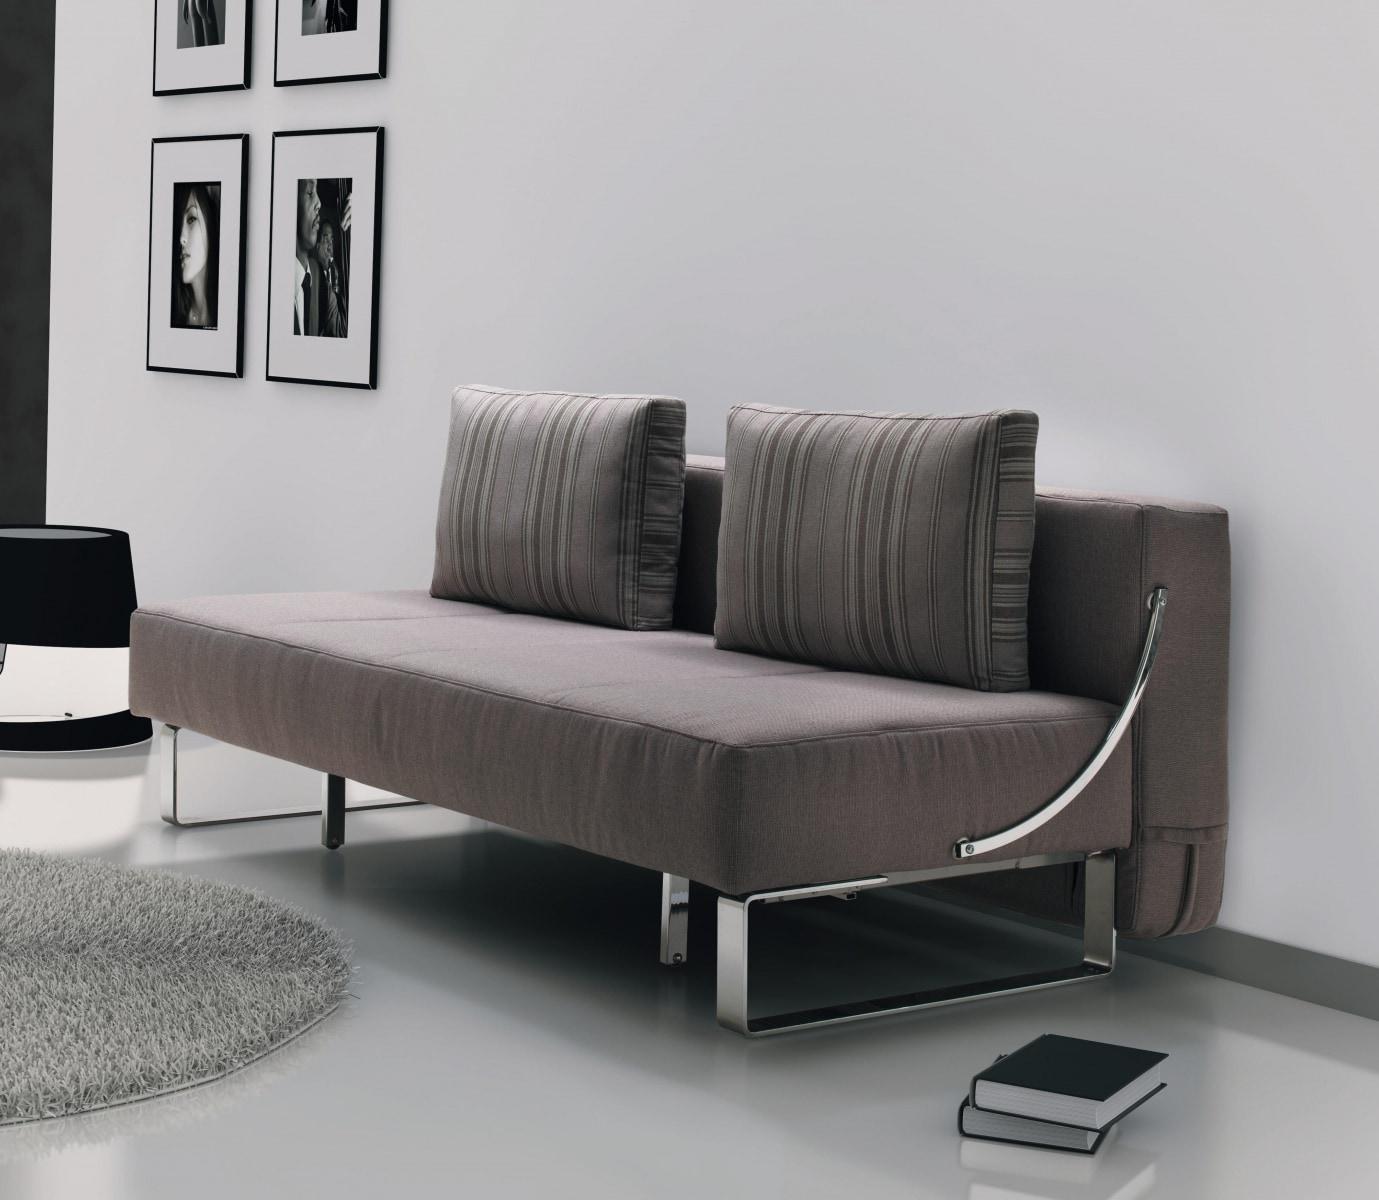 Небольшой диван в стиле хай-тек